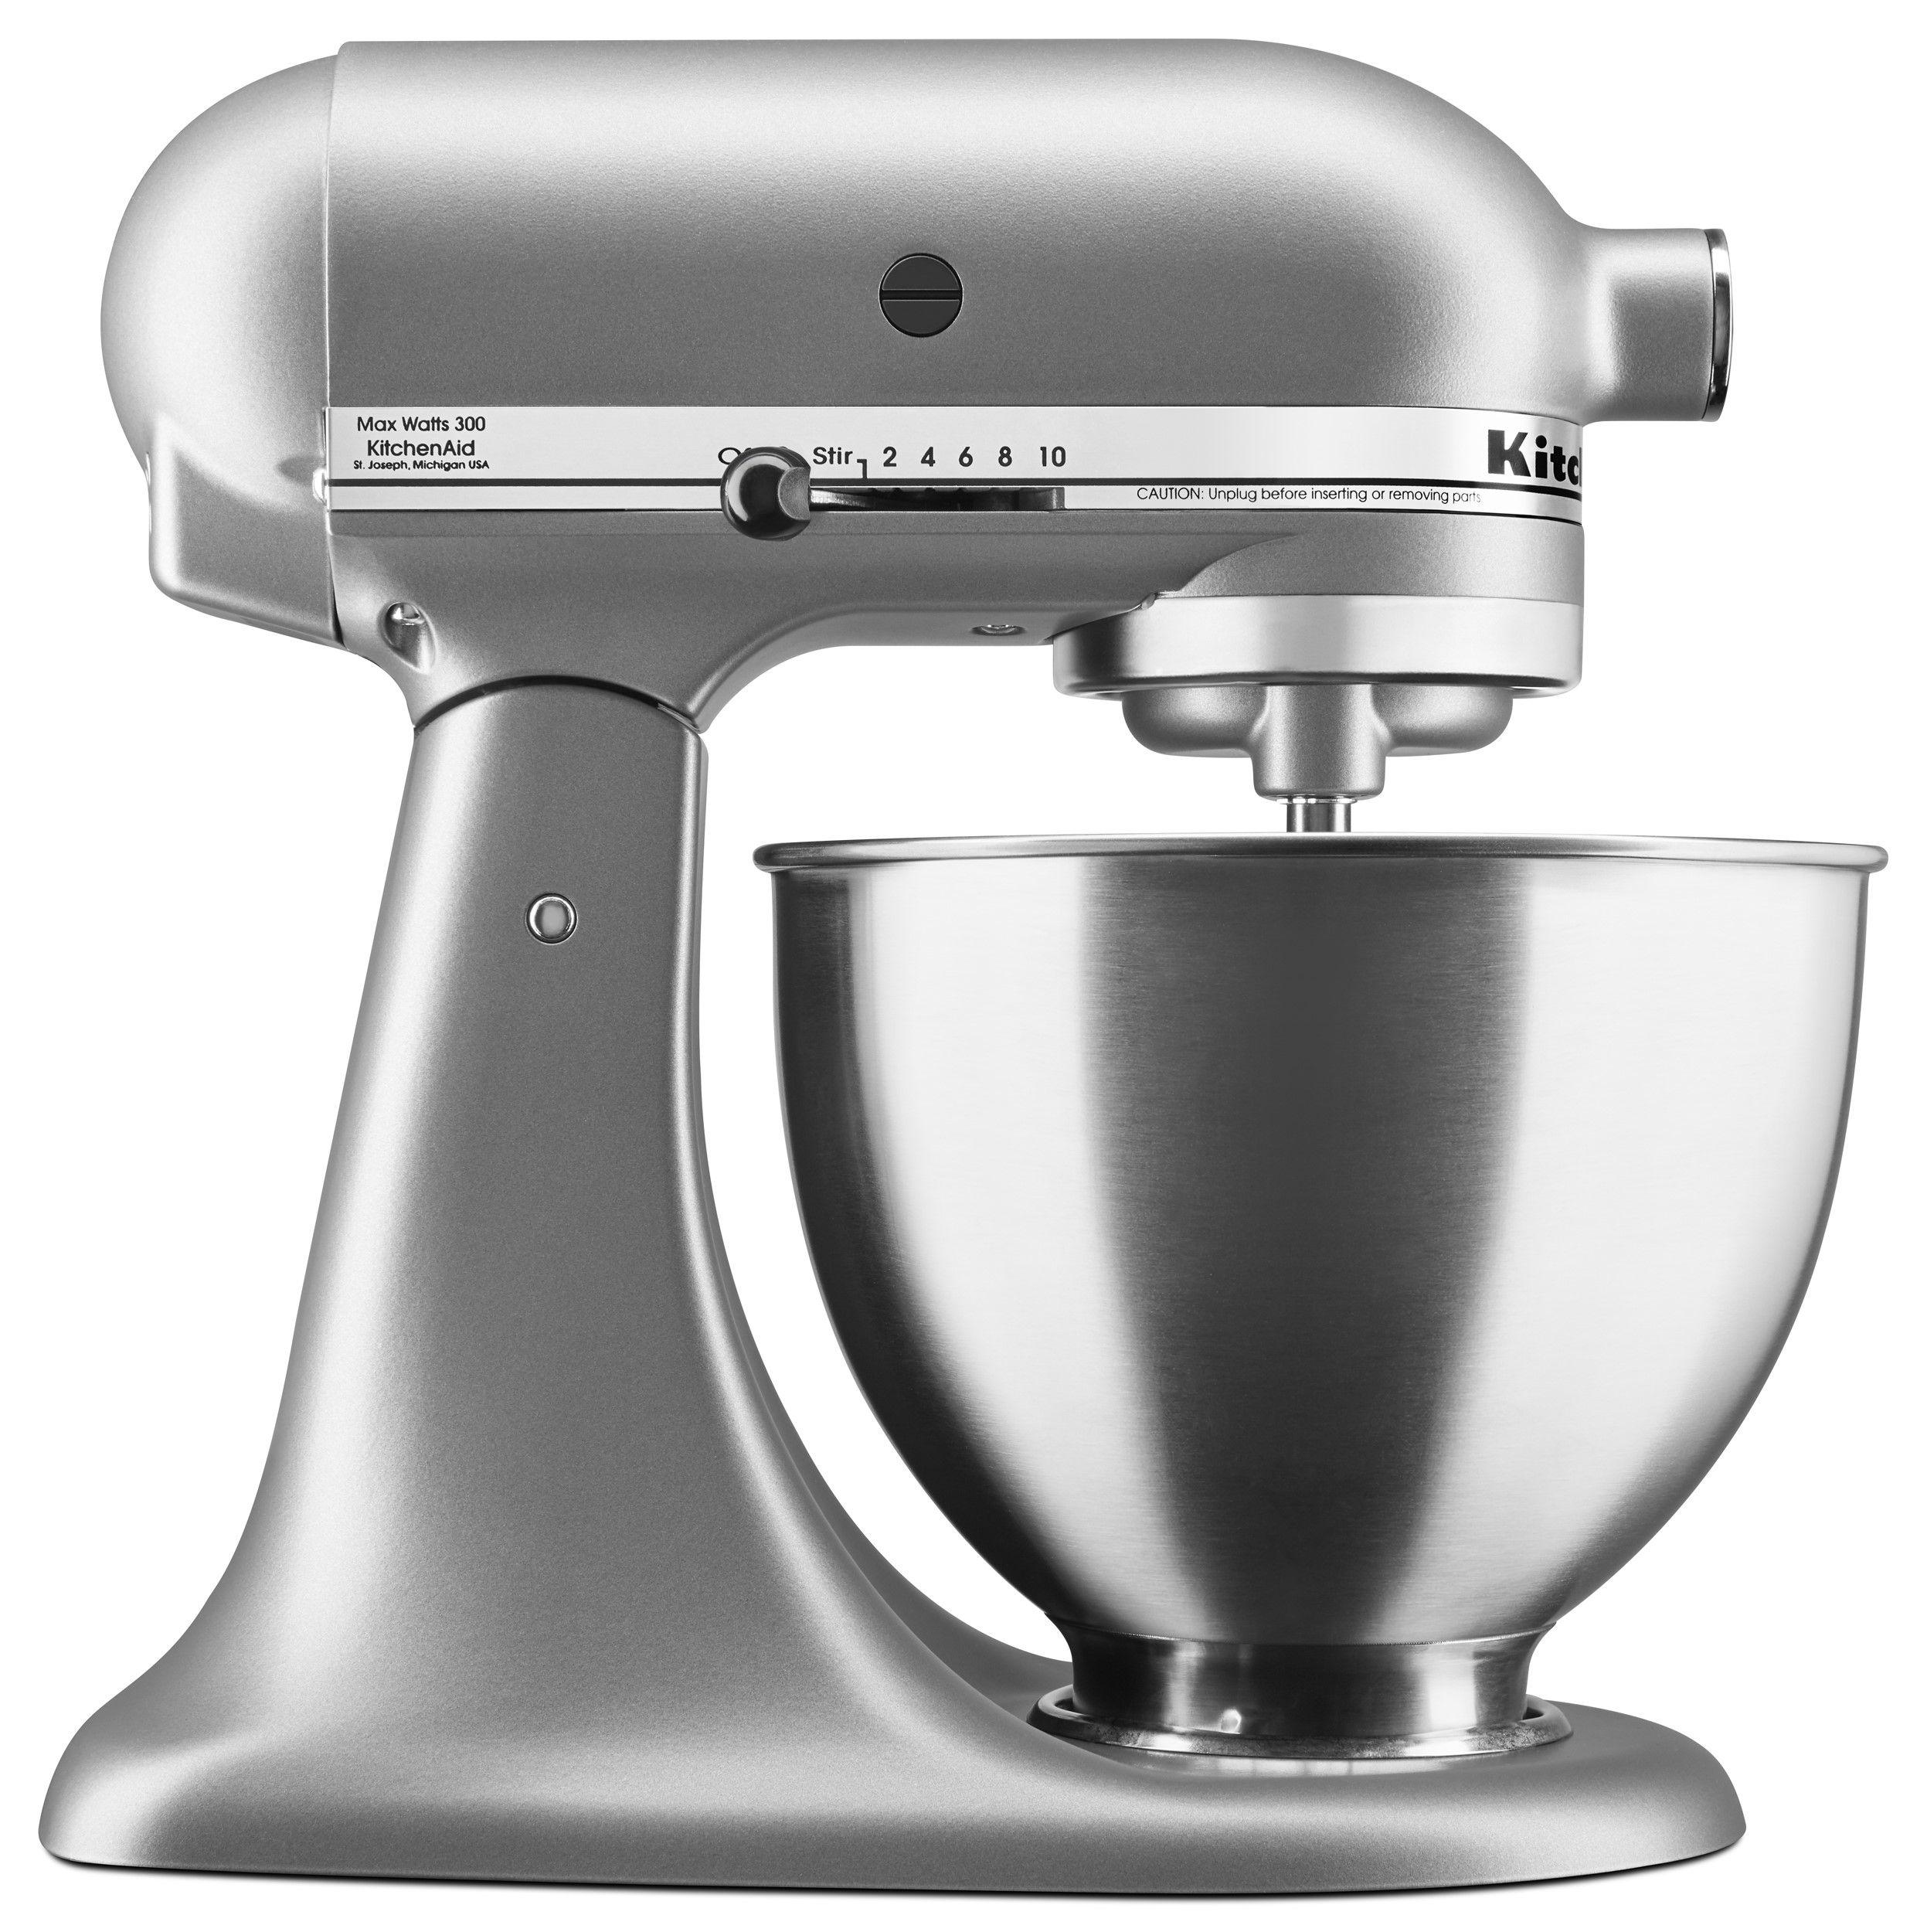 Kitchenaid Deluxe 4 5 Quart Stand Mixer Silver Ksm88sl Quart